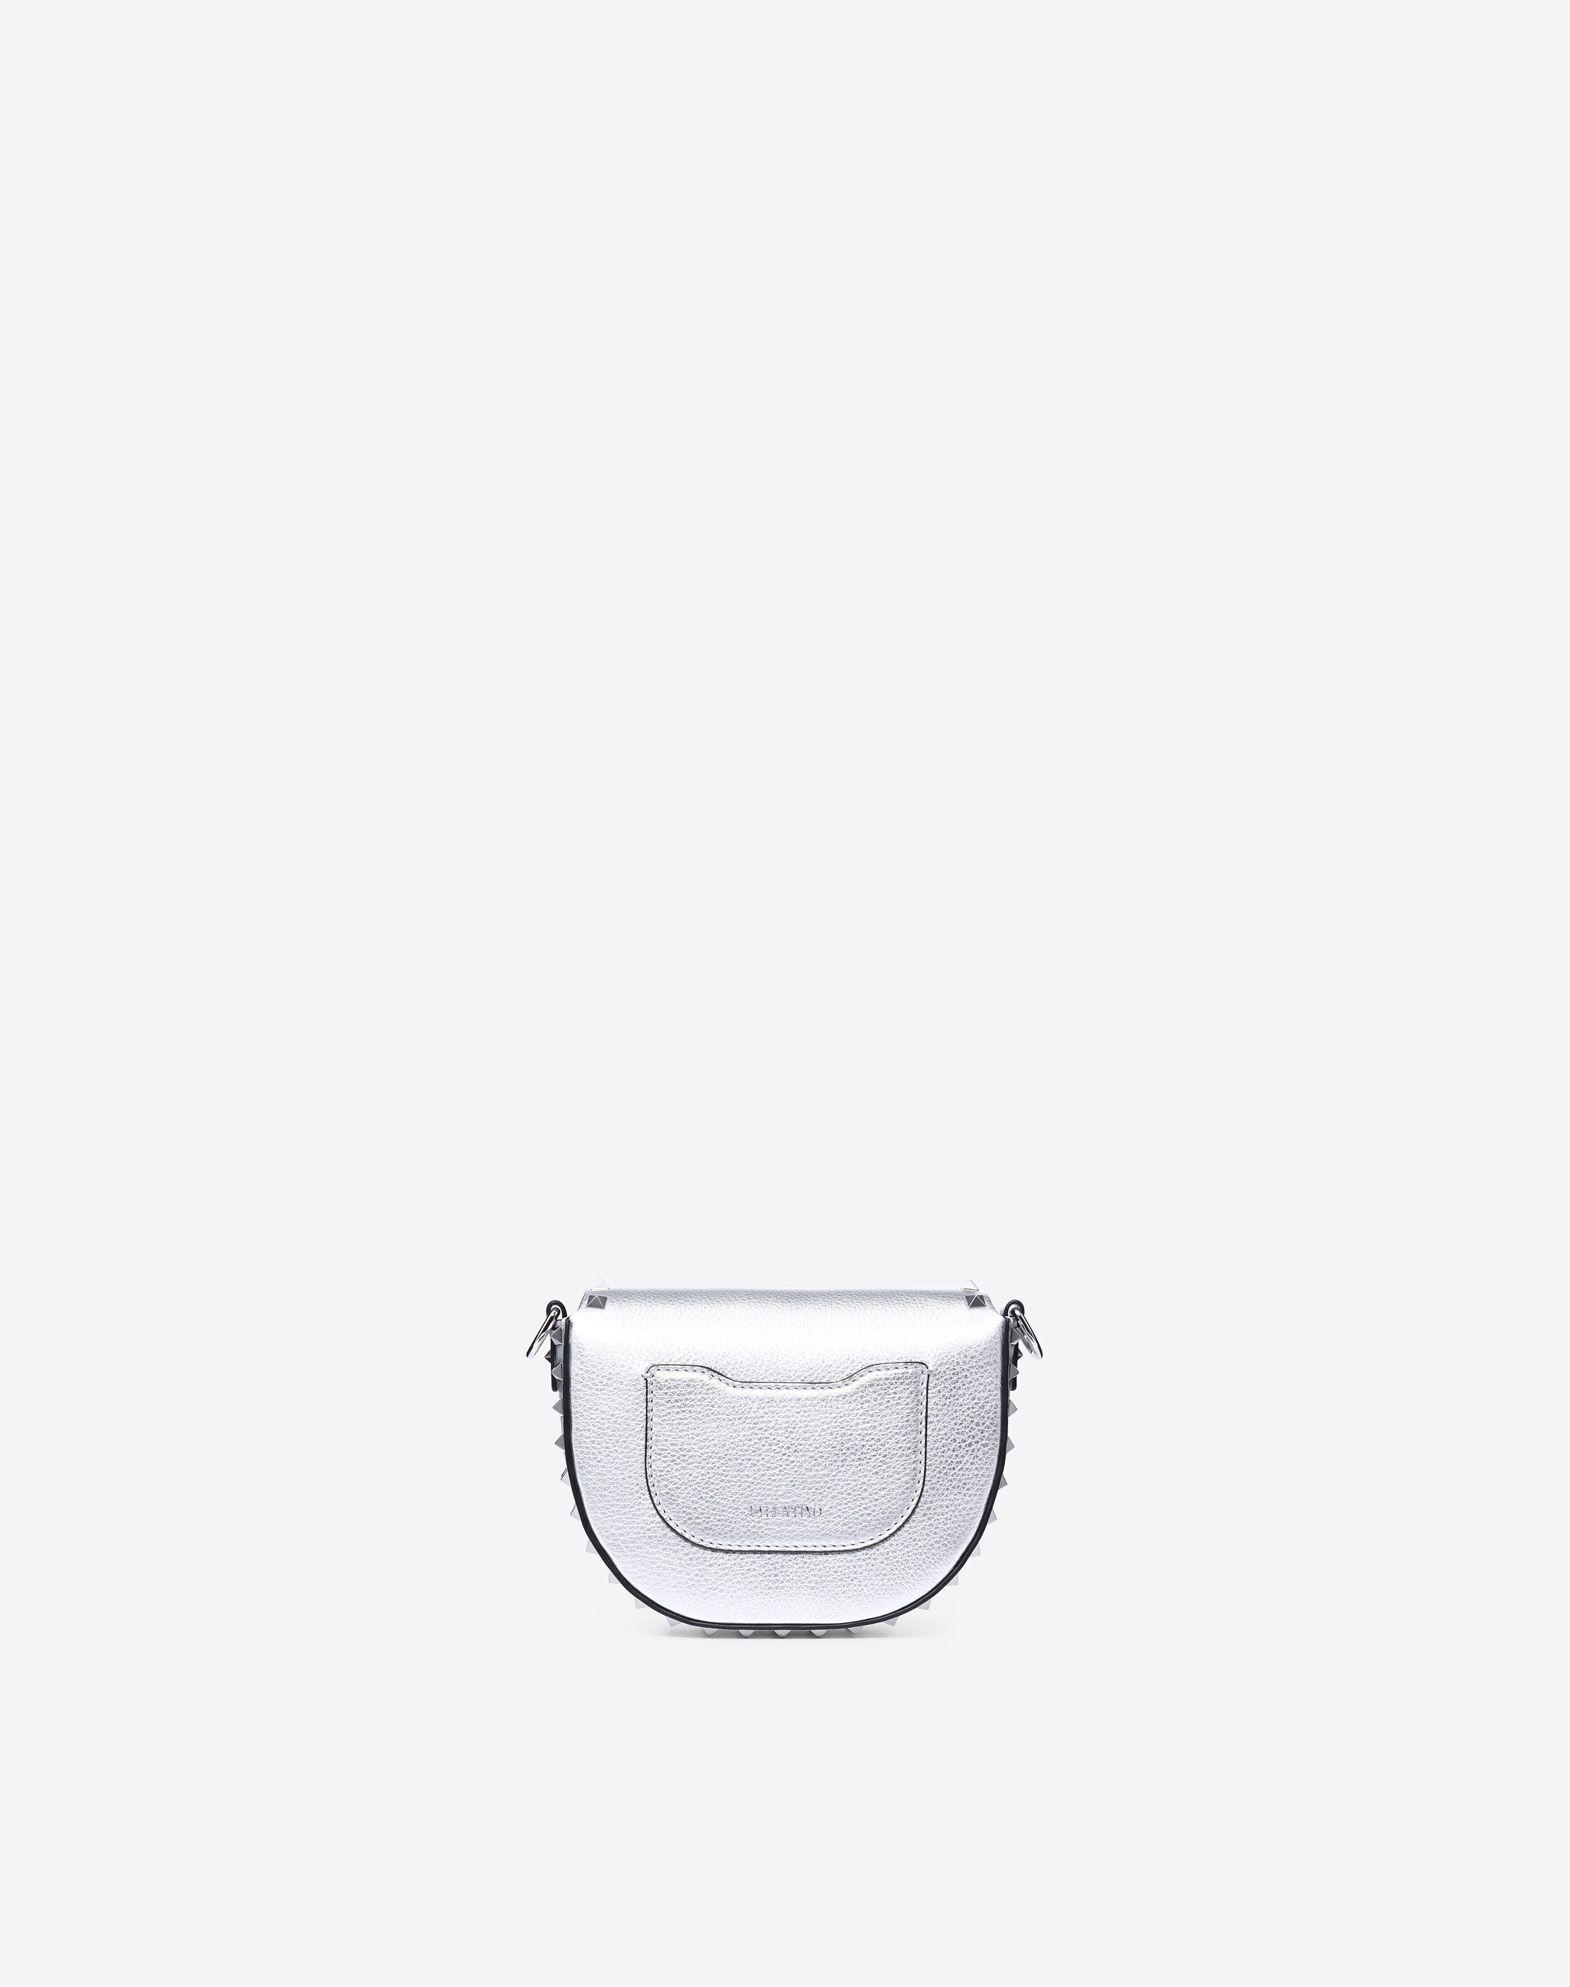 VALENTINO GARAVANI Rockstud Mini Shoulder Bag CROSS BODY BAG D d